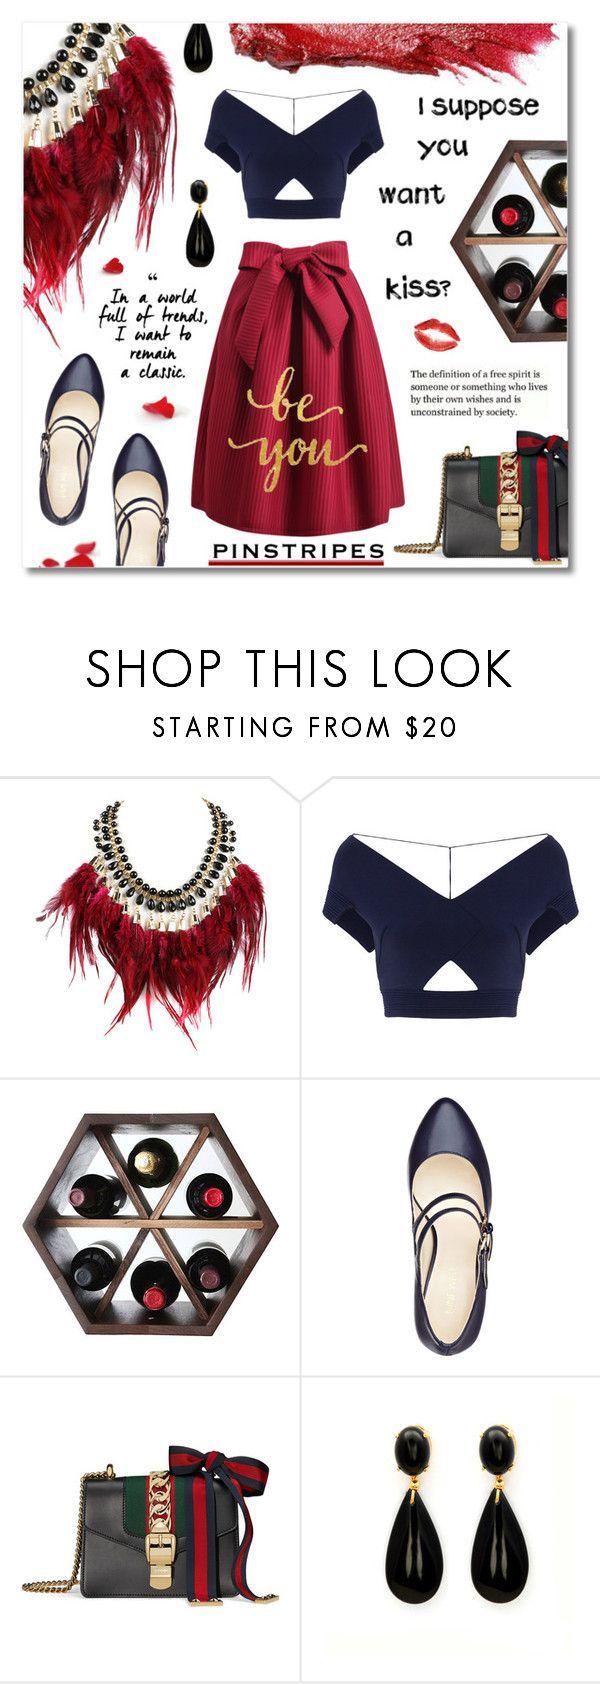 Want a kiss? :* | Clothes design, Women, Fashion